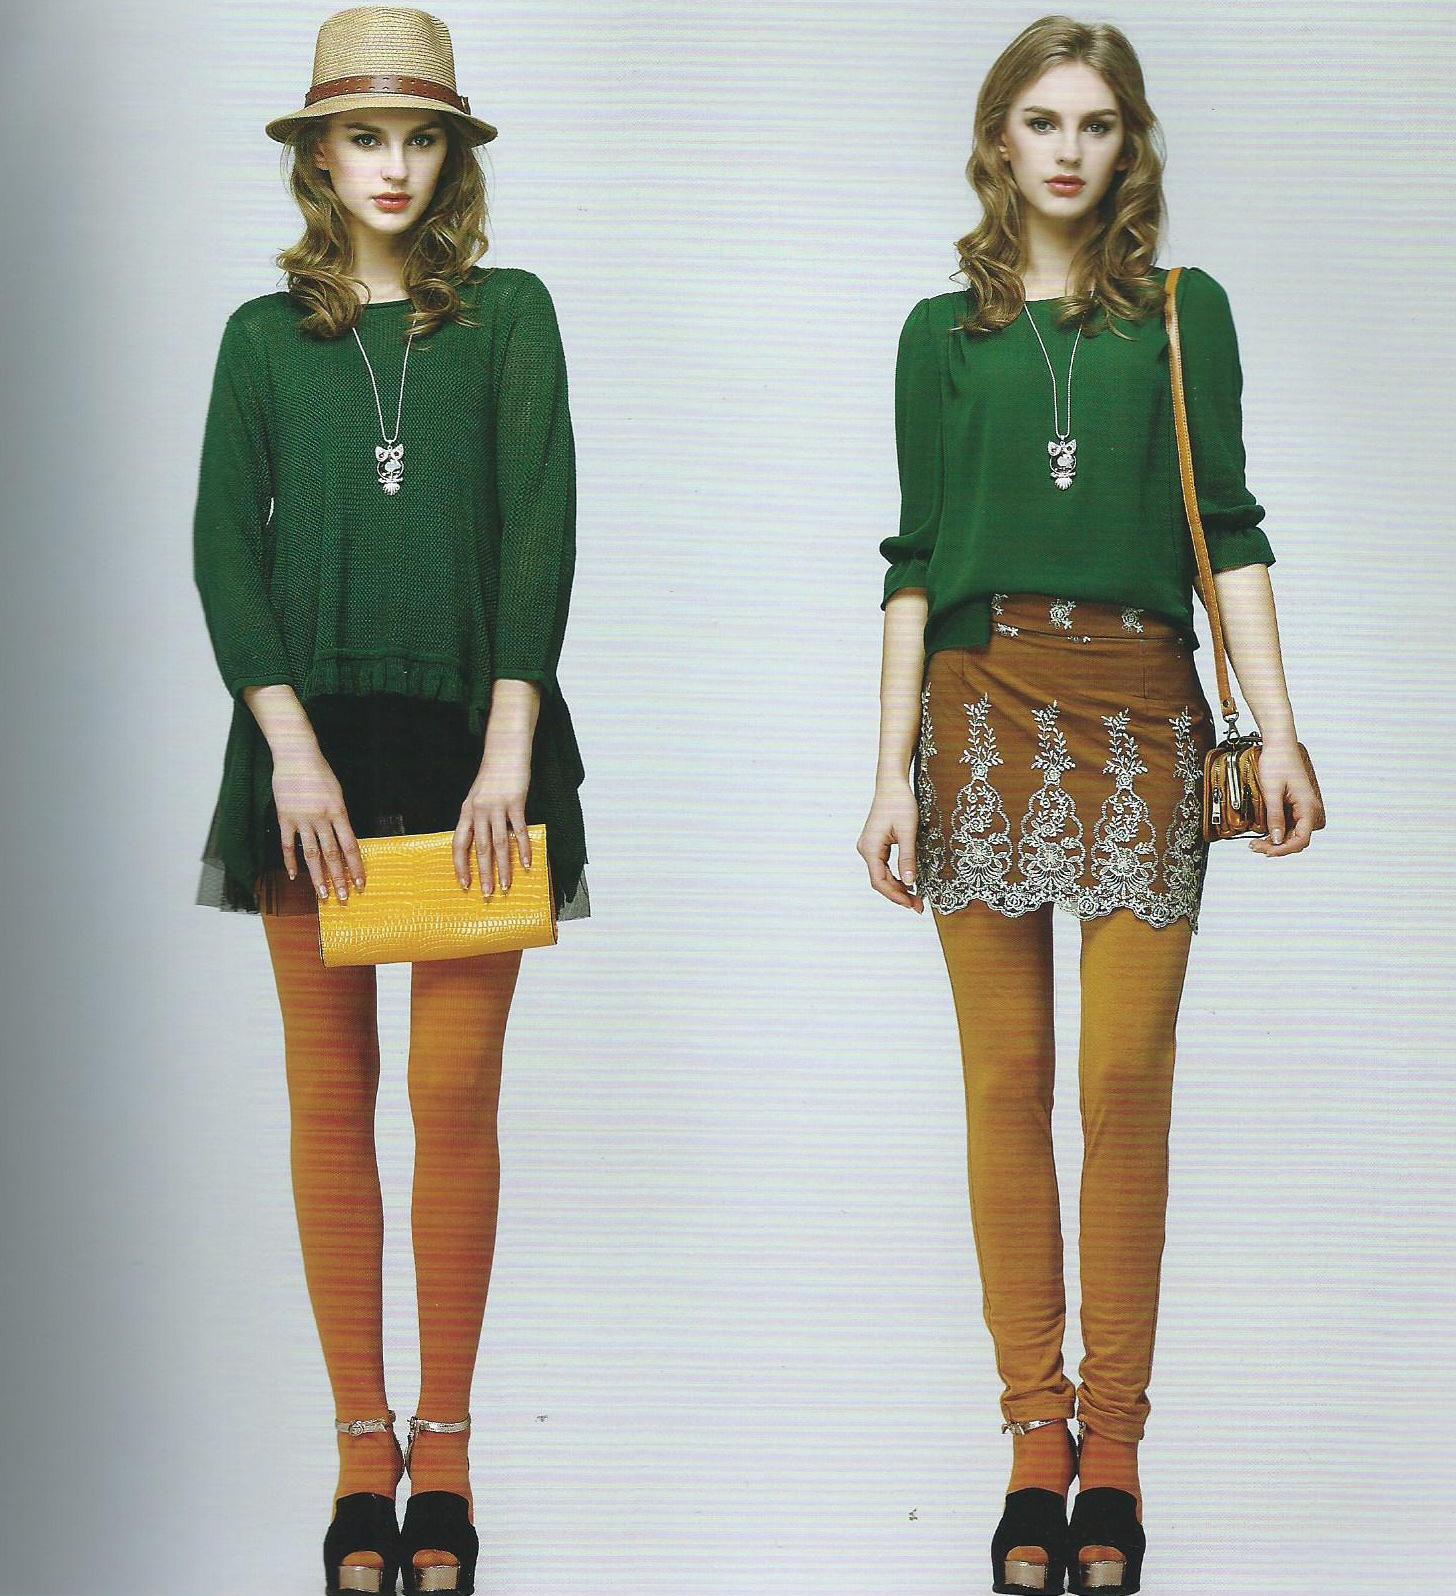 品牌女装品牌好_购买品质有保障的宠爱女人女装,广州紫玄贸易有限公司是您最佳选择